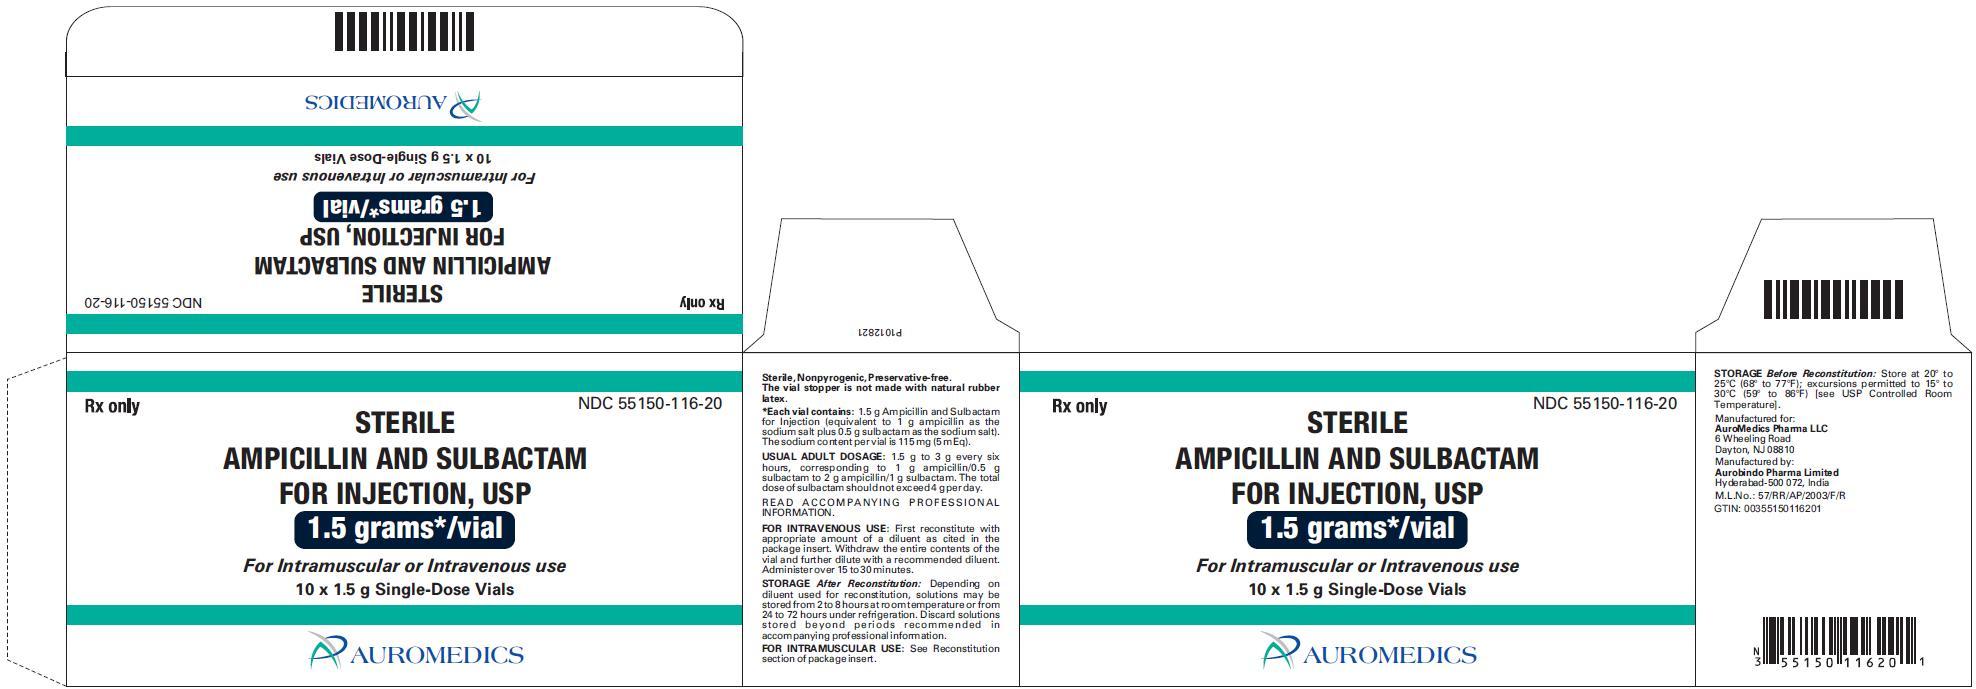 ampicillin and sulbactam